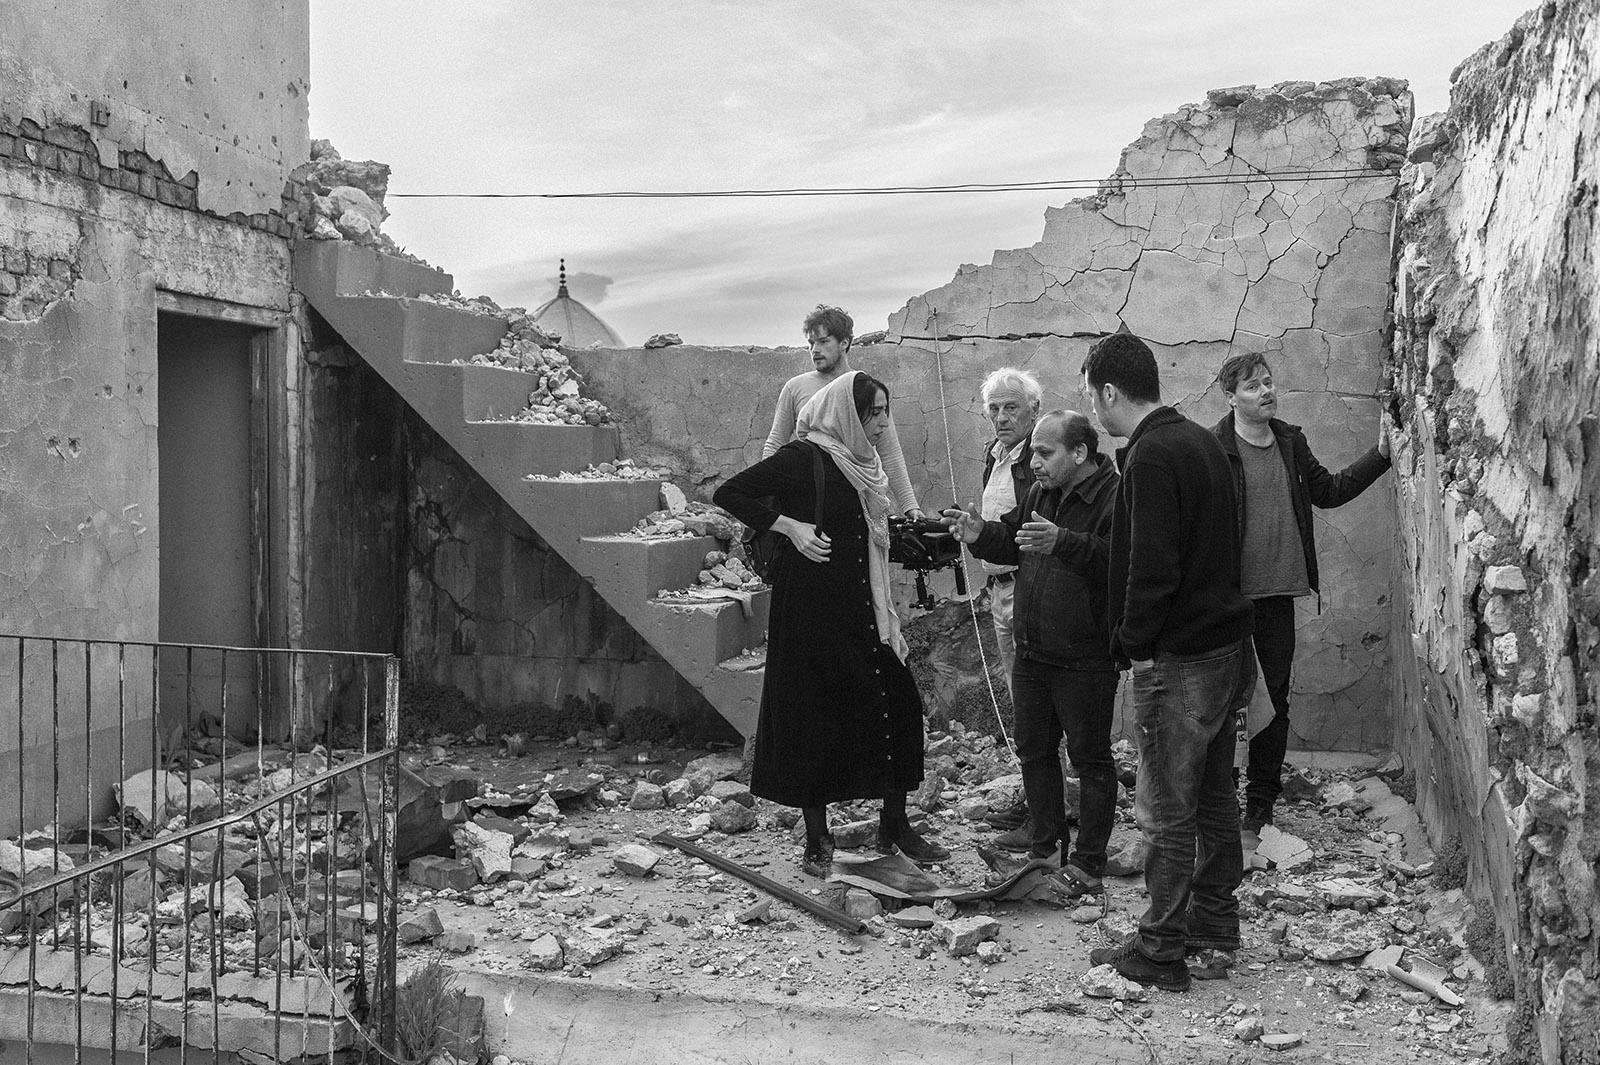 Das Team um Milo Rau bei Proben und Filmaufnahmen zu Orestes in Mossul in den Trümmern in der Altstadt. Mossul, Irak.